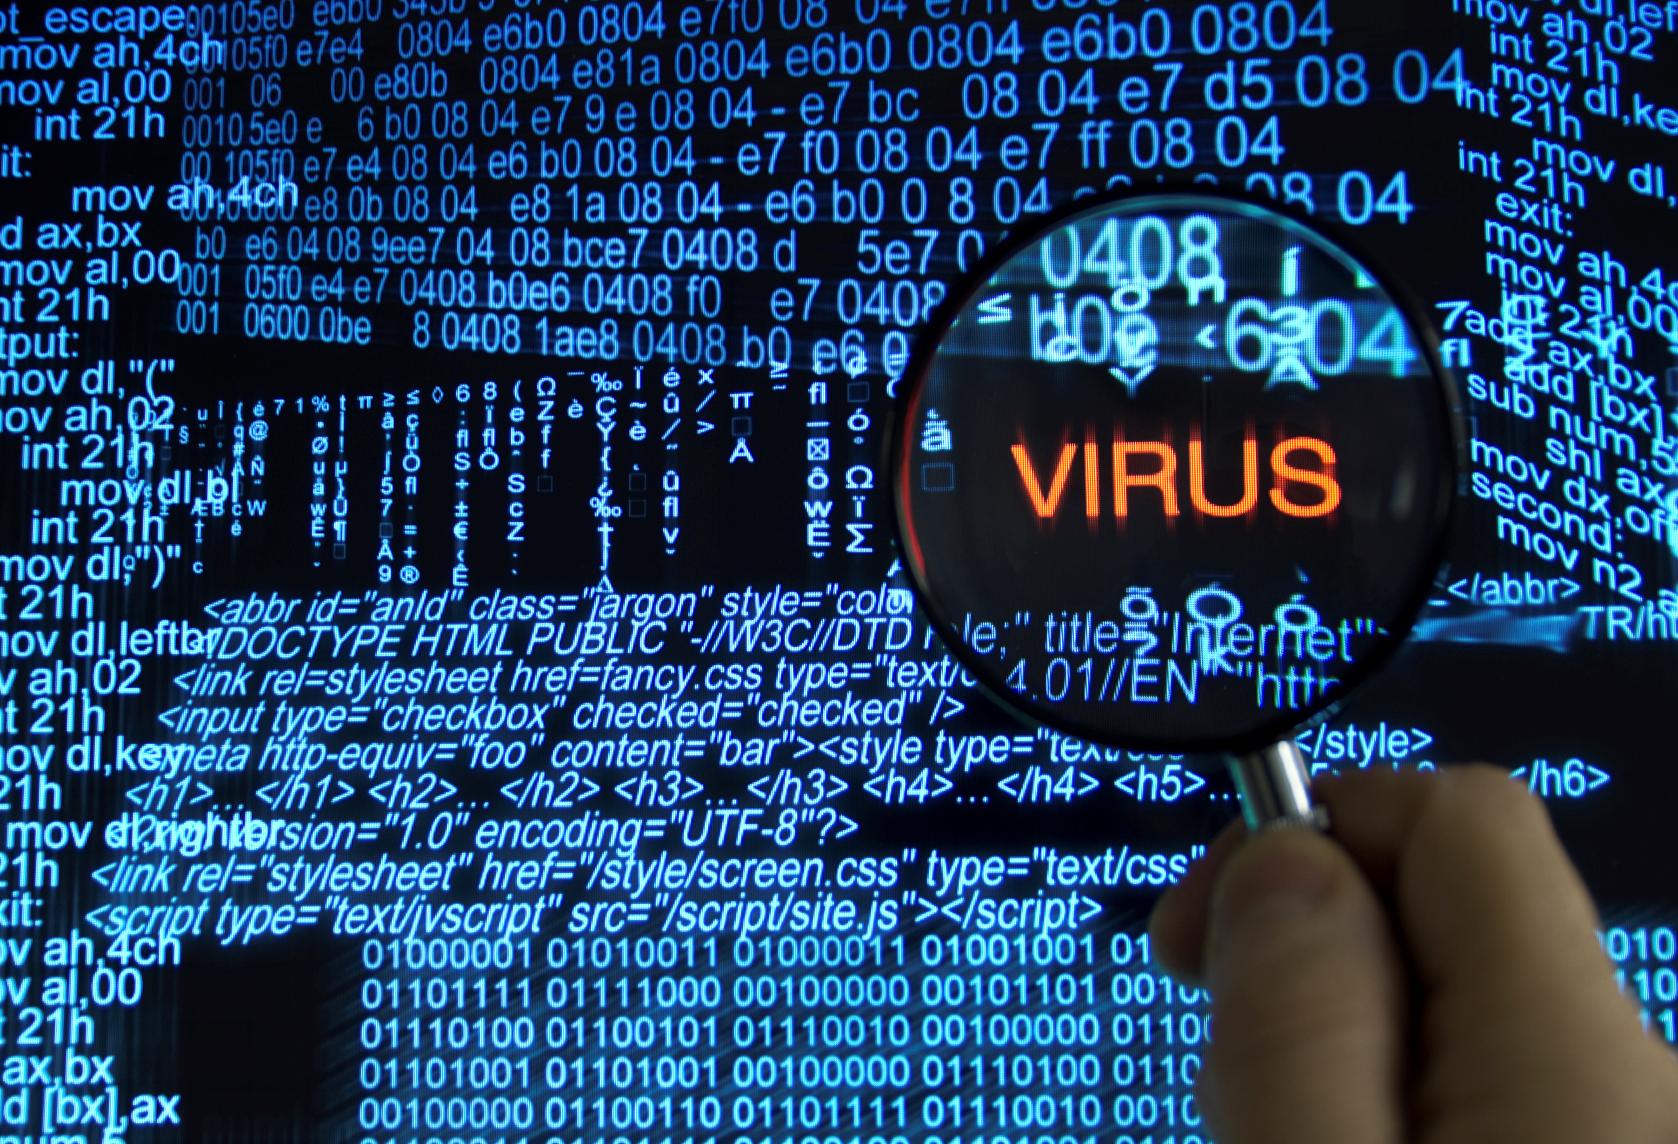 secure_data_virus